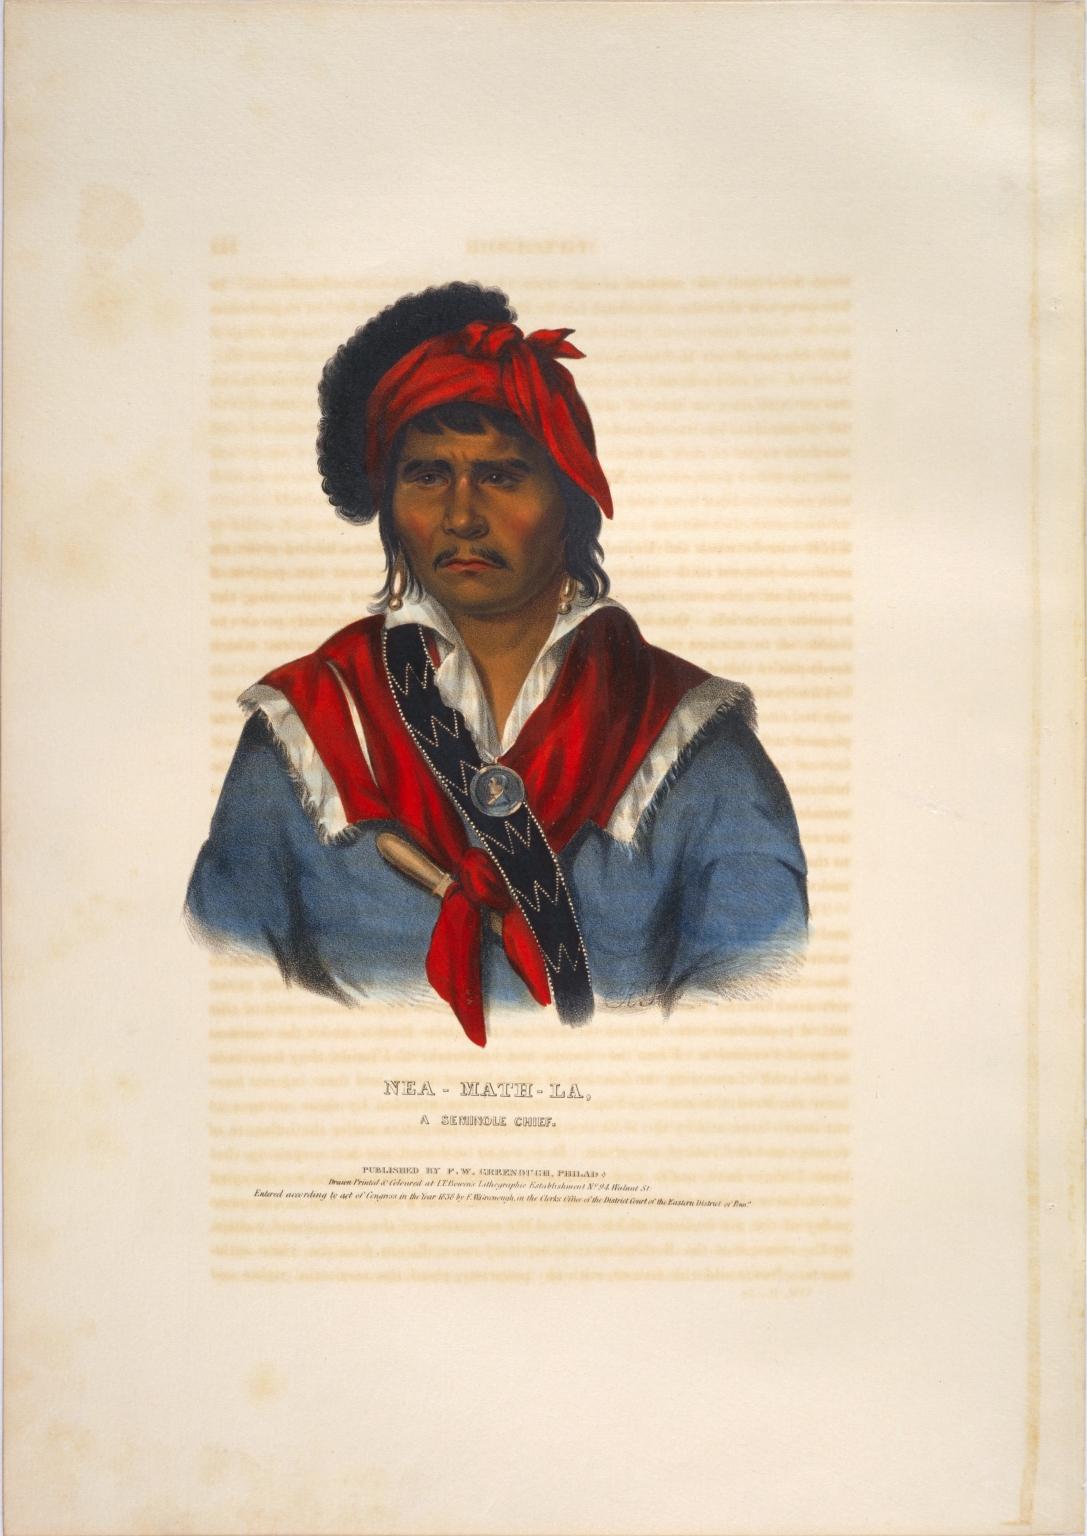 Nea-math-la, a Seminole chief